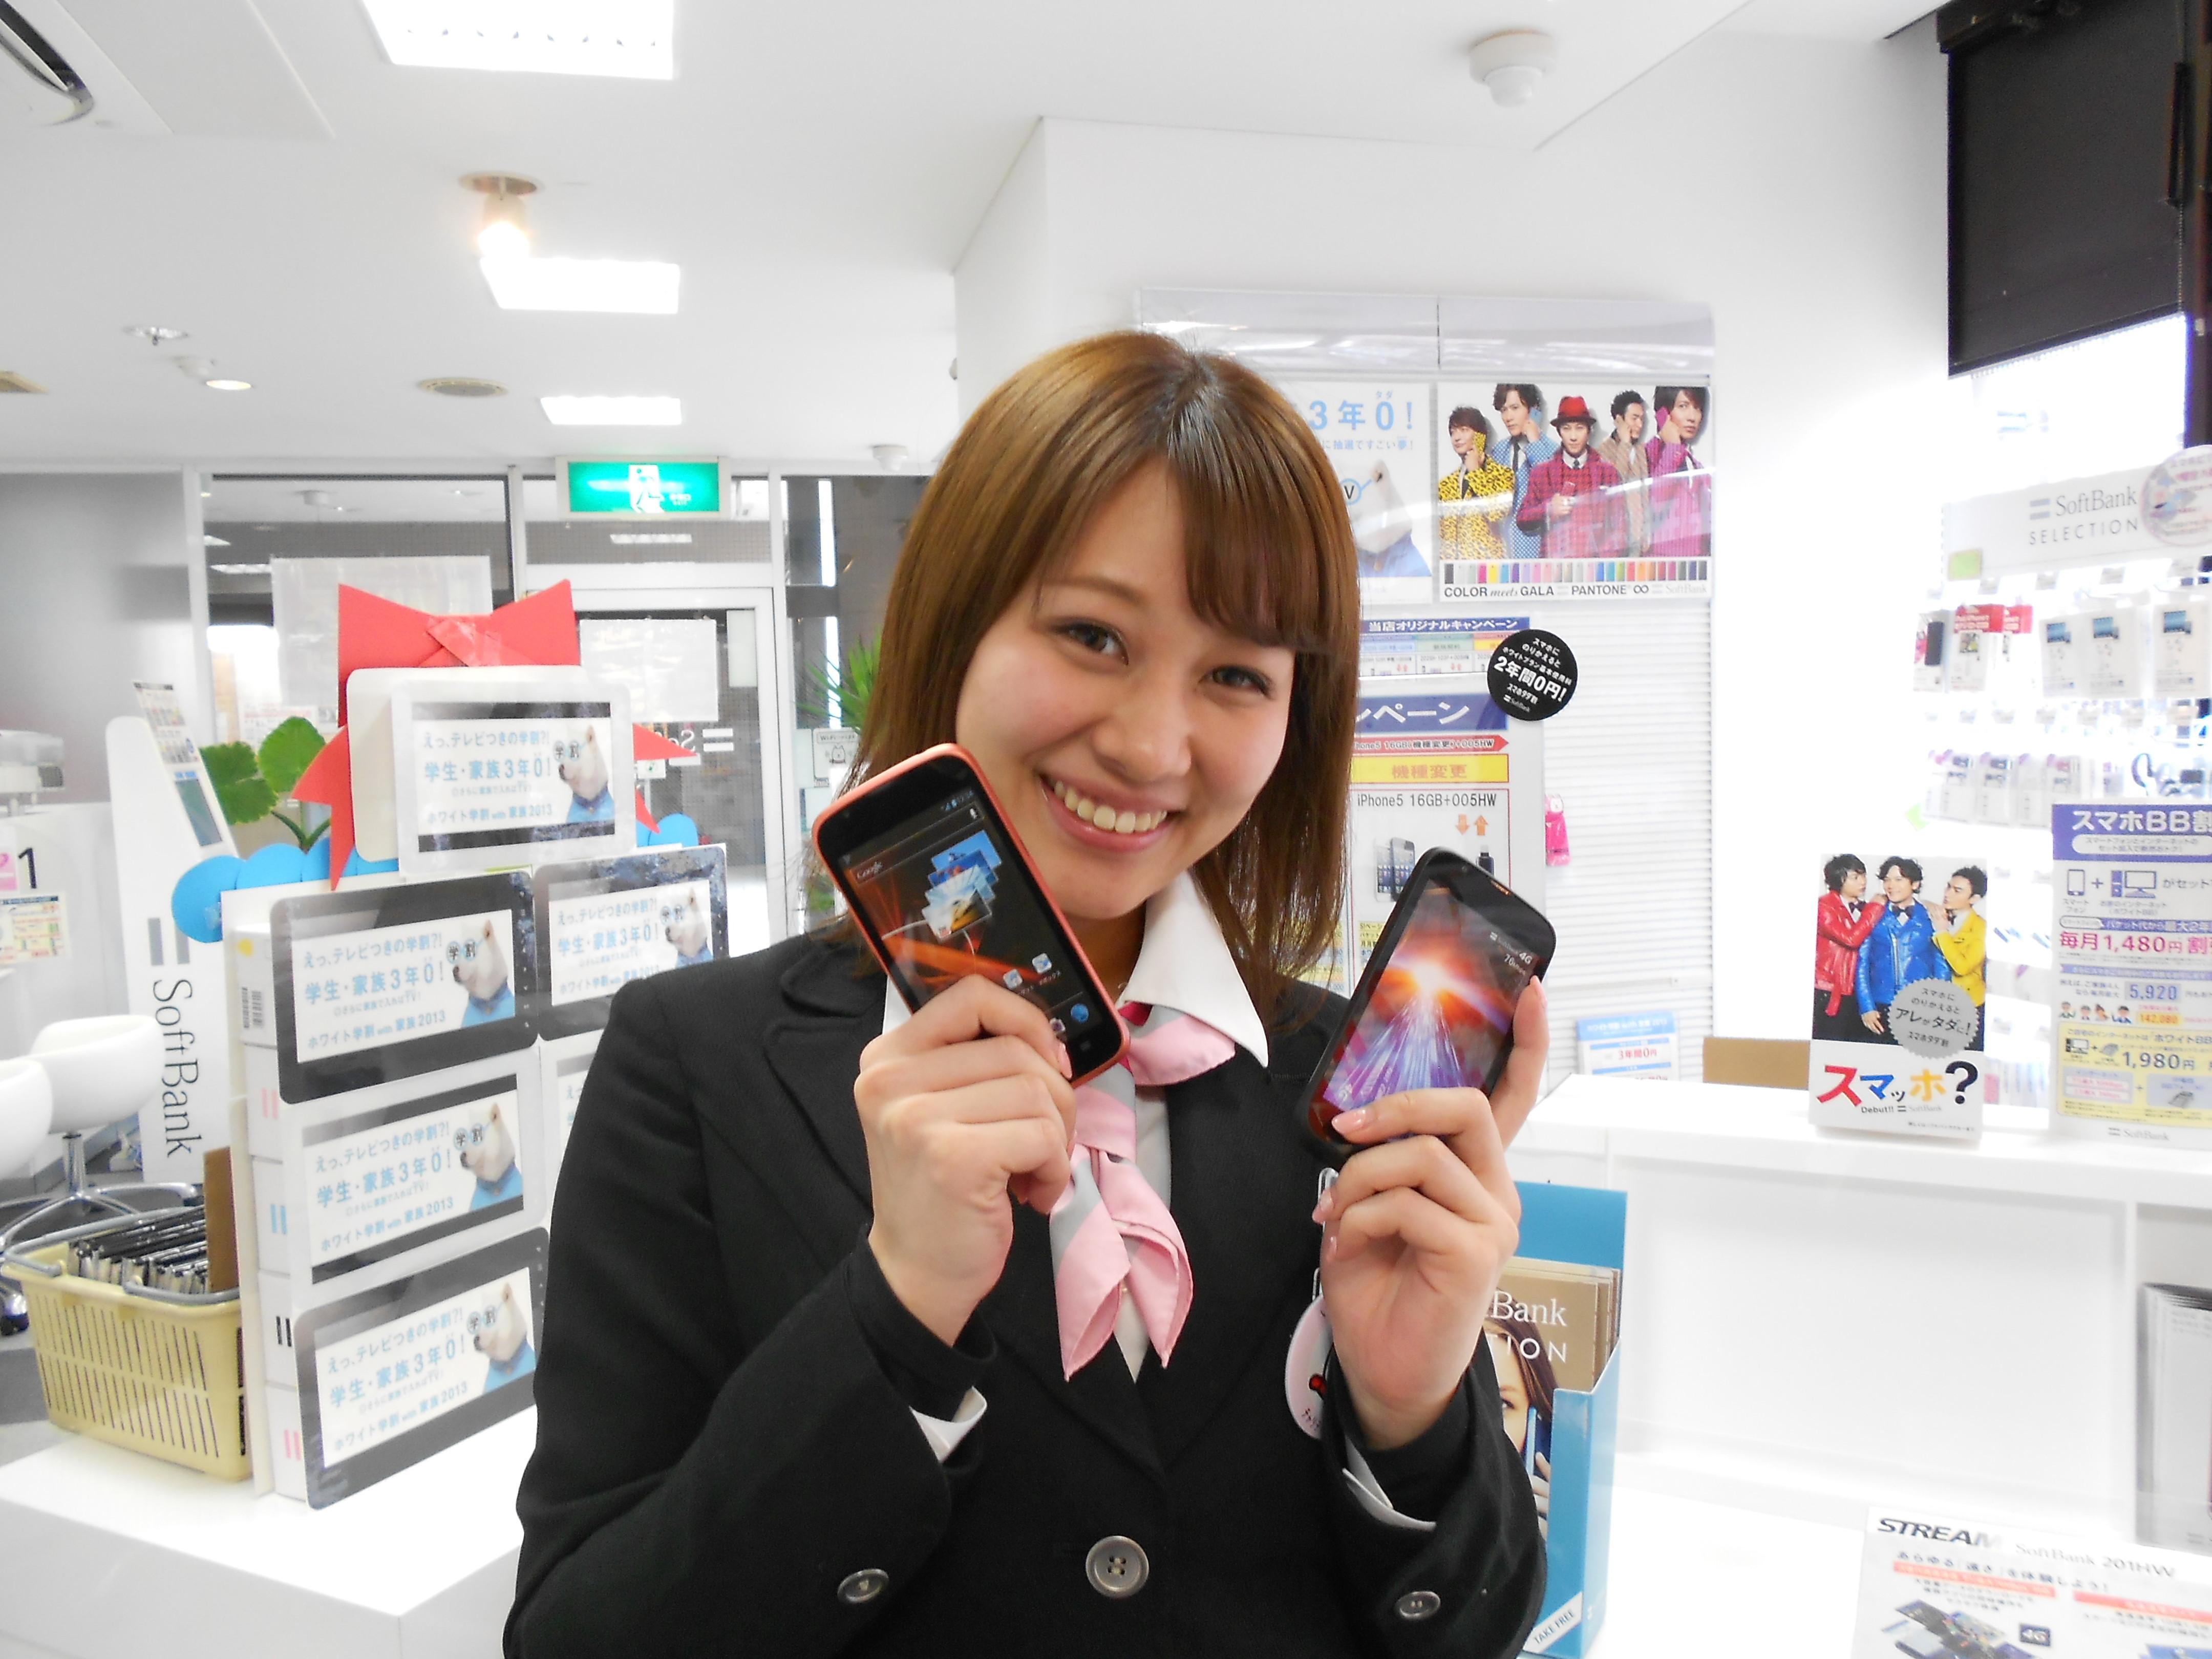 ヨドバシカメラ マルチメディア 川崎ルフロン(株式会社シエロ)のアルバイト情報